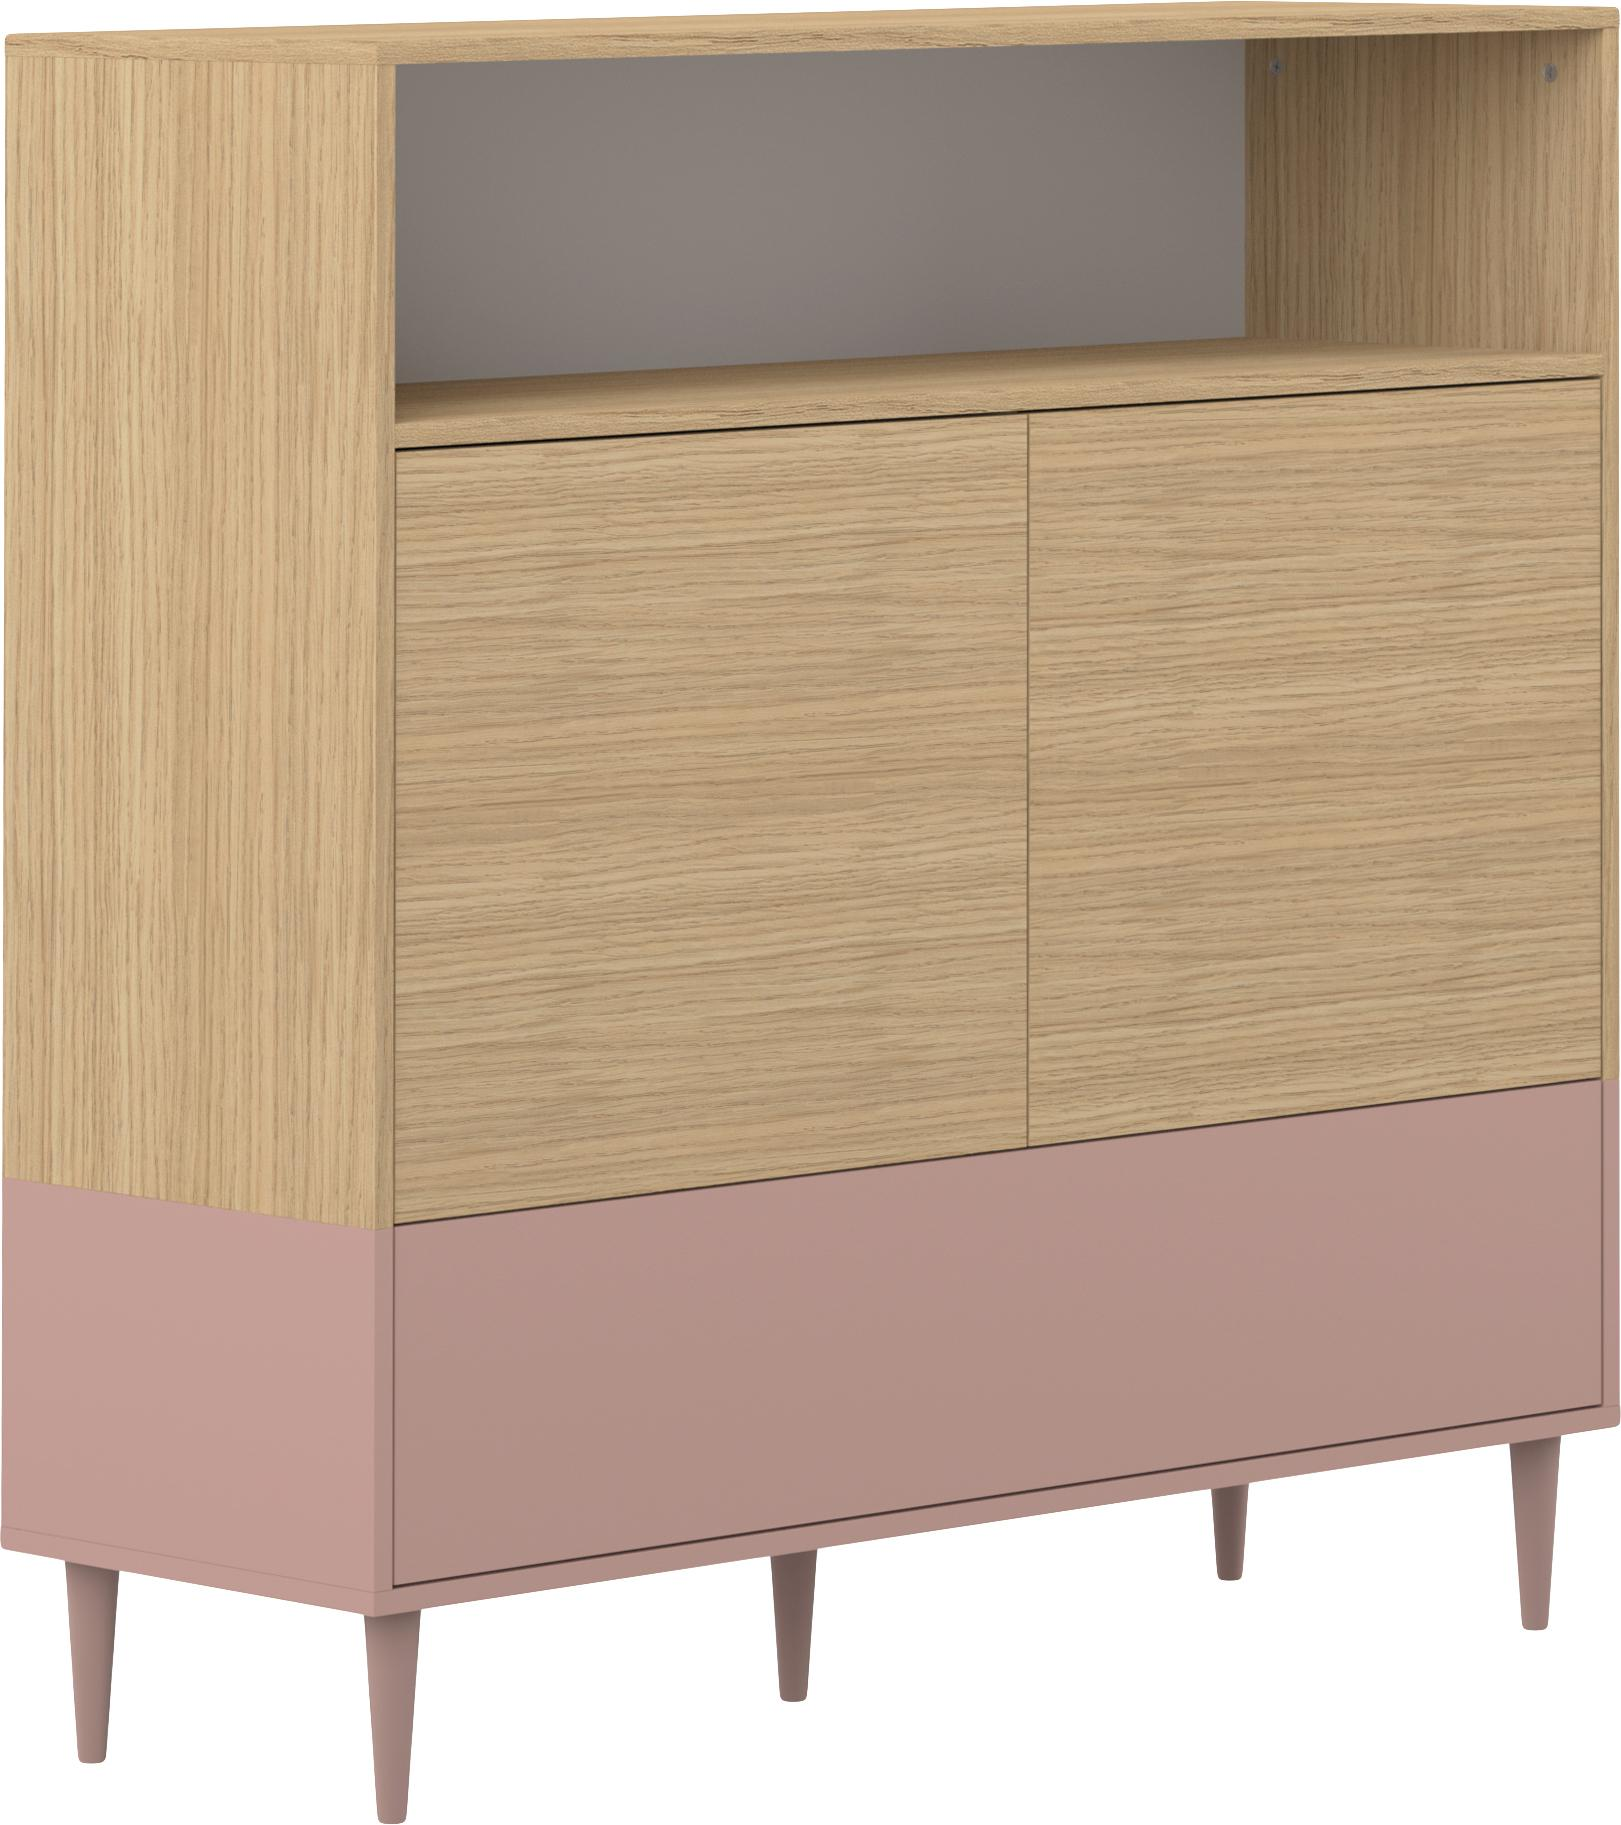 Chiffonnier Horizon, estilo escandinavo, Estructura: aglomerado, recubierto de, Patas: madera de haya maciza, pi, Roble, rosa palo, An 120 x Al 121 cm